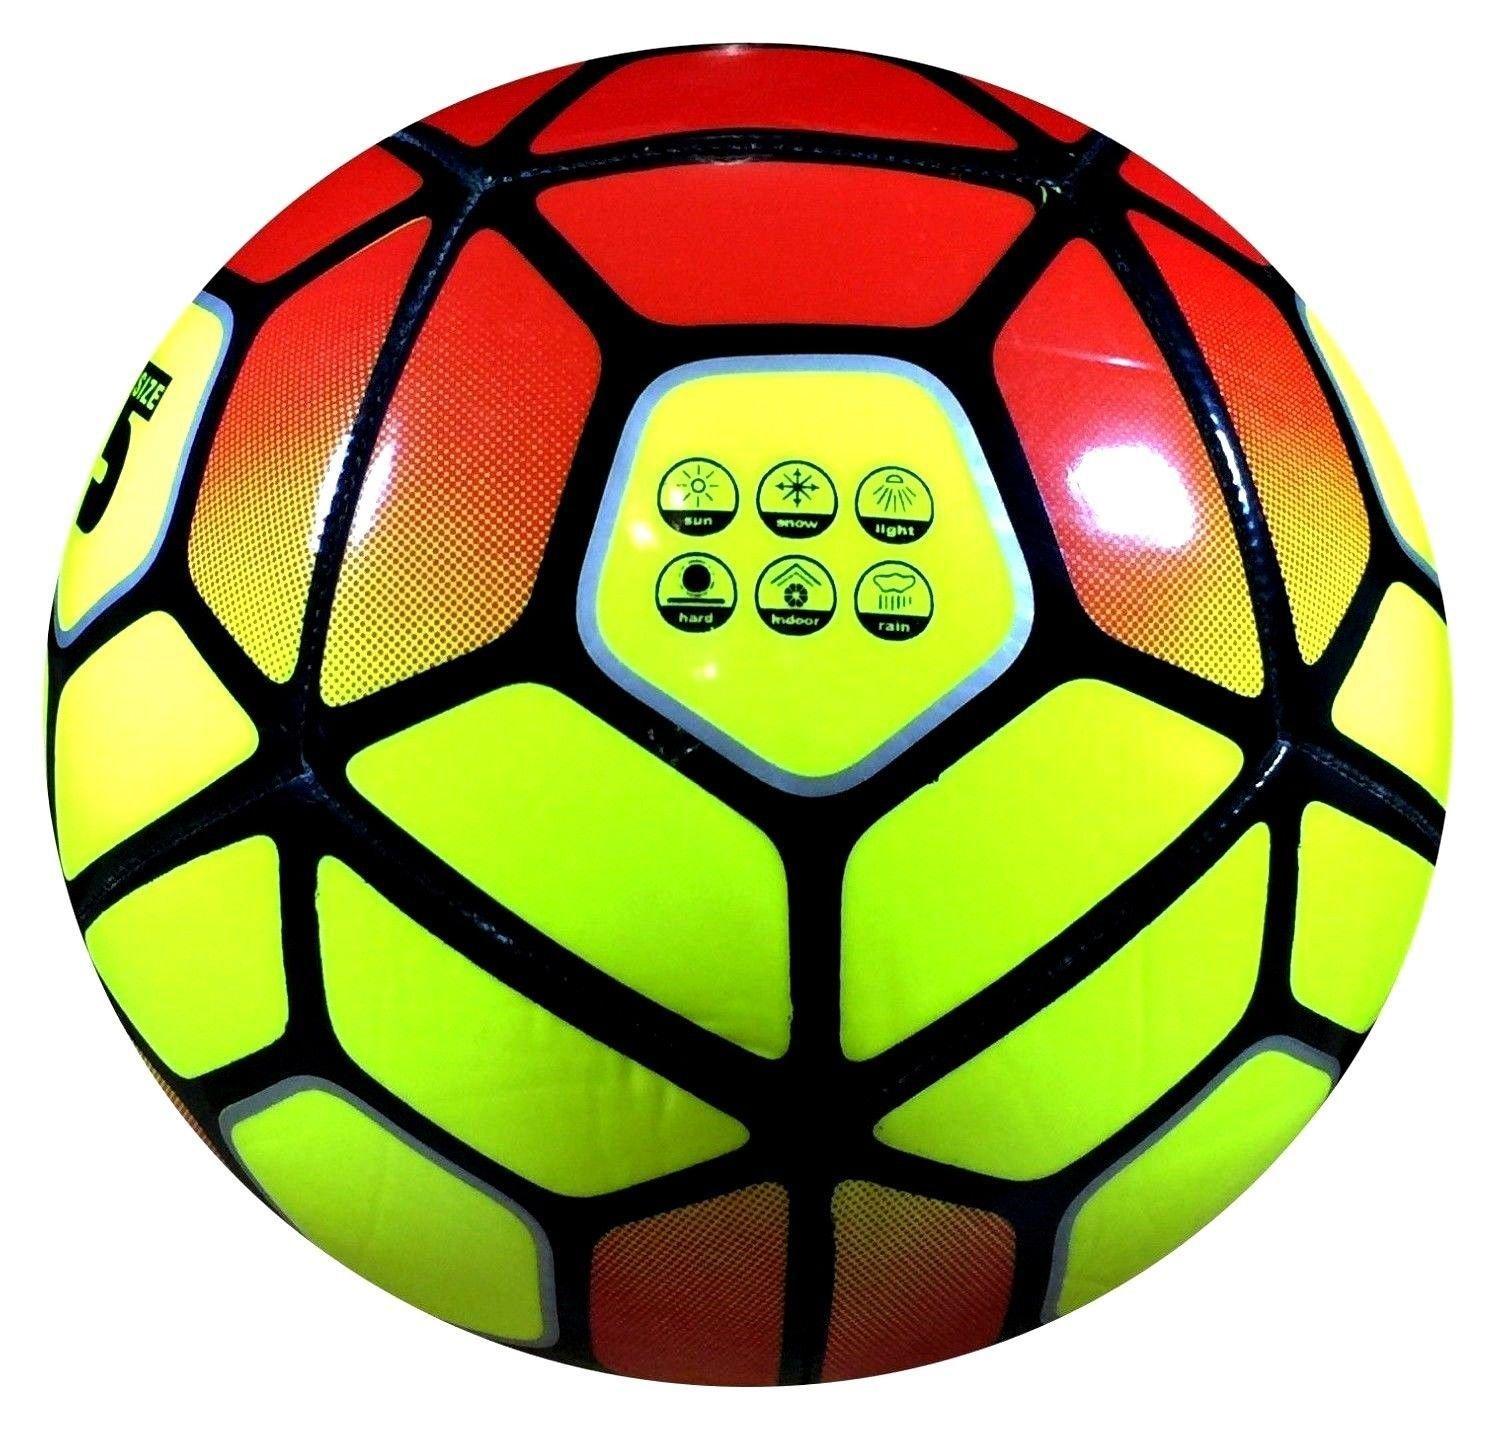 Balón de fútbol de la marca Spedster de la Premier League ...